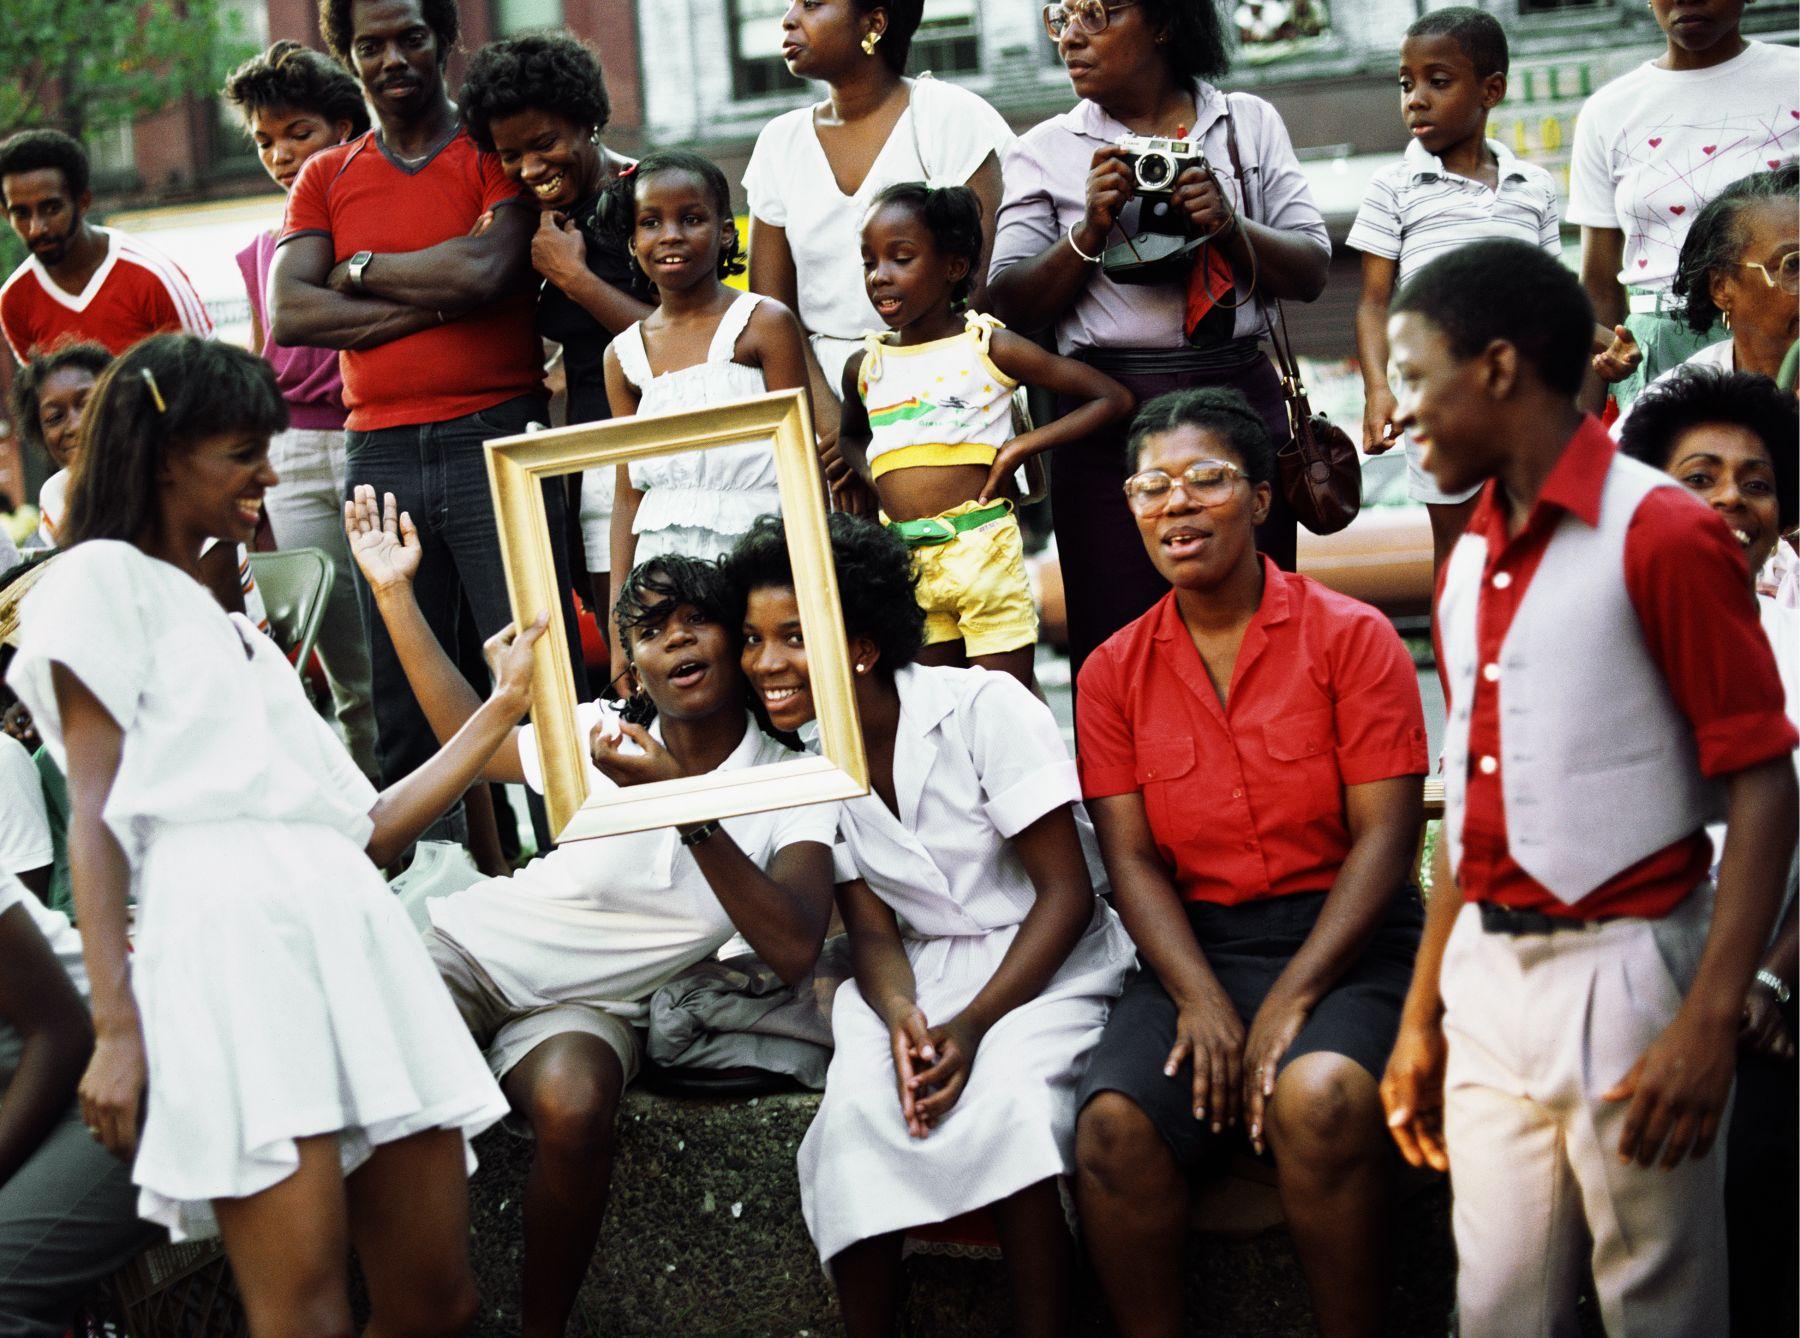 Art Is. . . (Women in Crowd Framed), 1983/2009, C-print